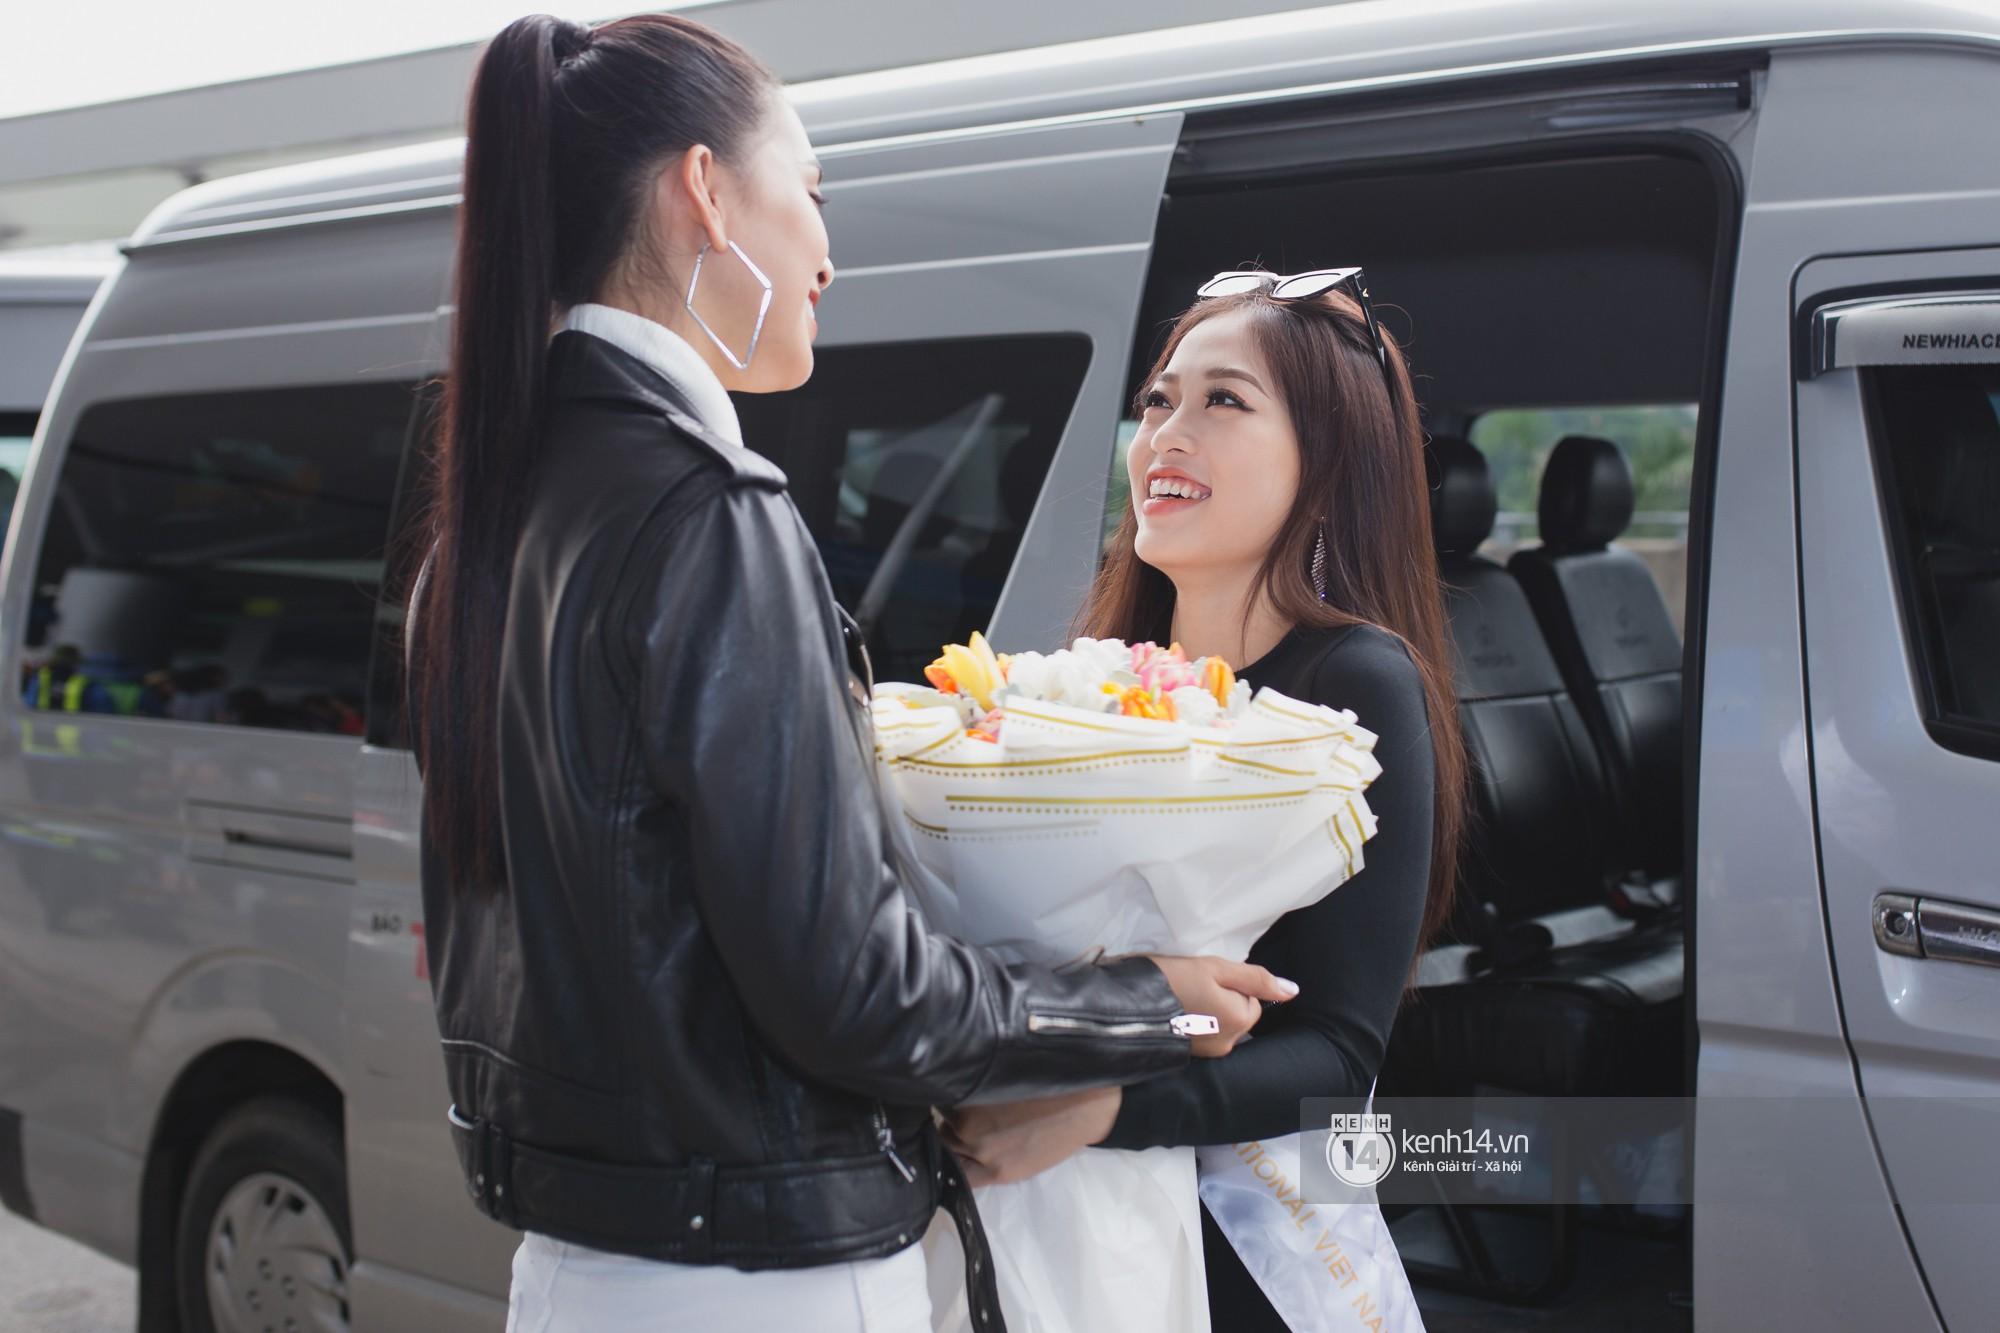 Trần Tiểu Vy ở lại sân bay tiễn Bùi Phương Nga đi thi Hoa hậu quốc tế - Ảnh 6.